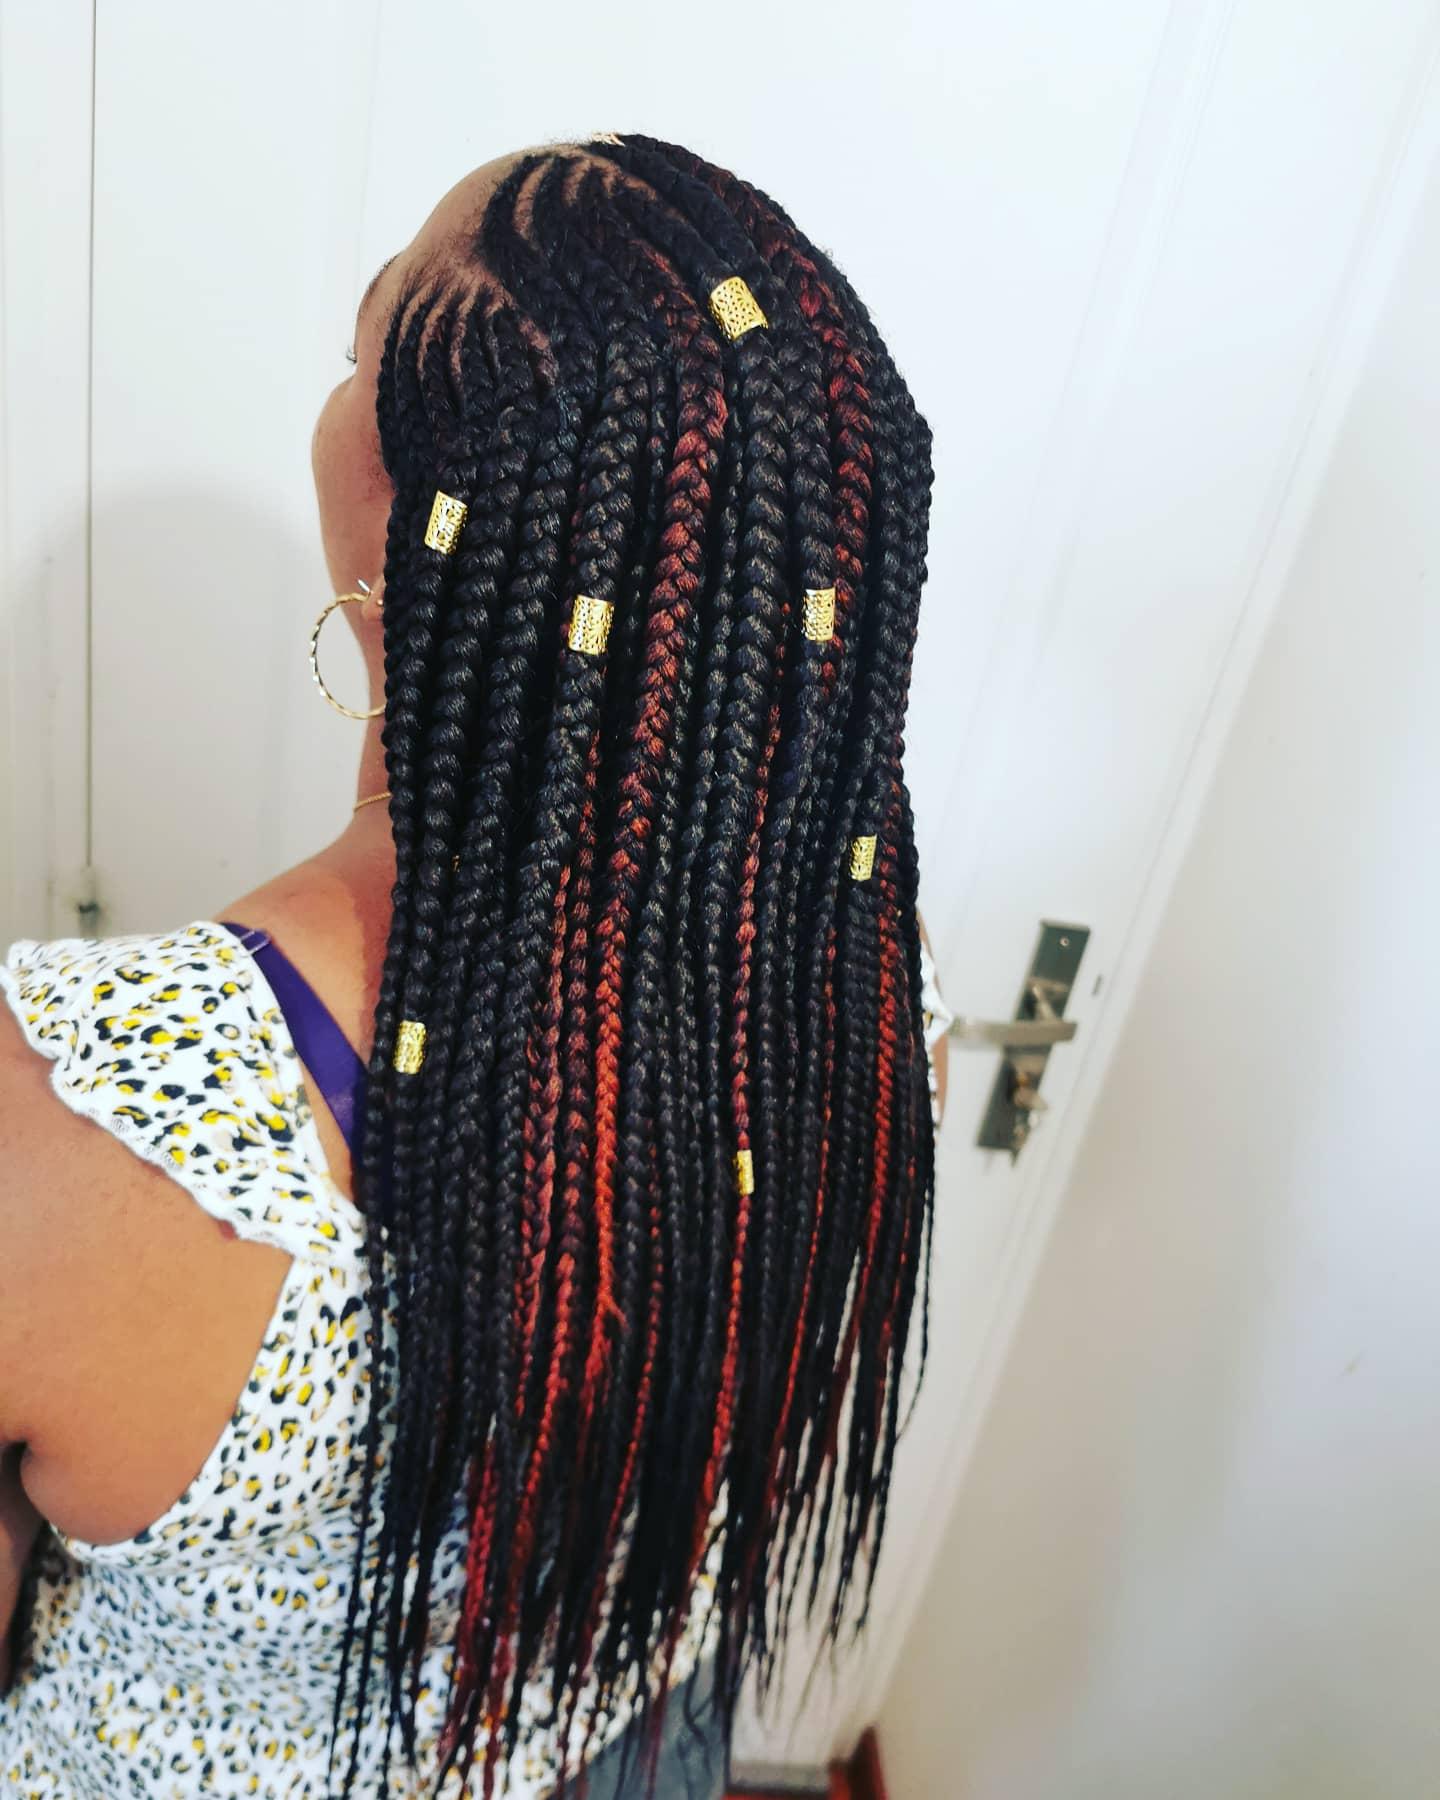 salon de coiffure afro tresse tresses box braids crochet braids vanilles tissages paris 75 77 78 91 92 93 94 95 AEDNRTQM